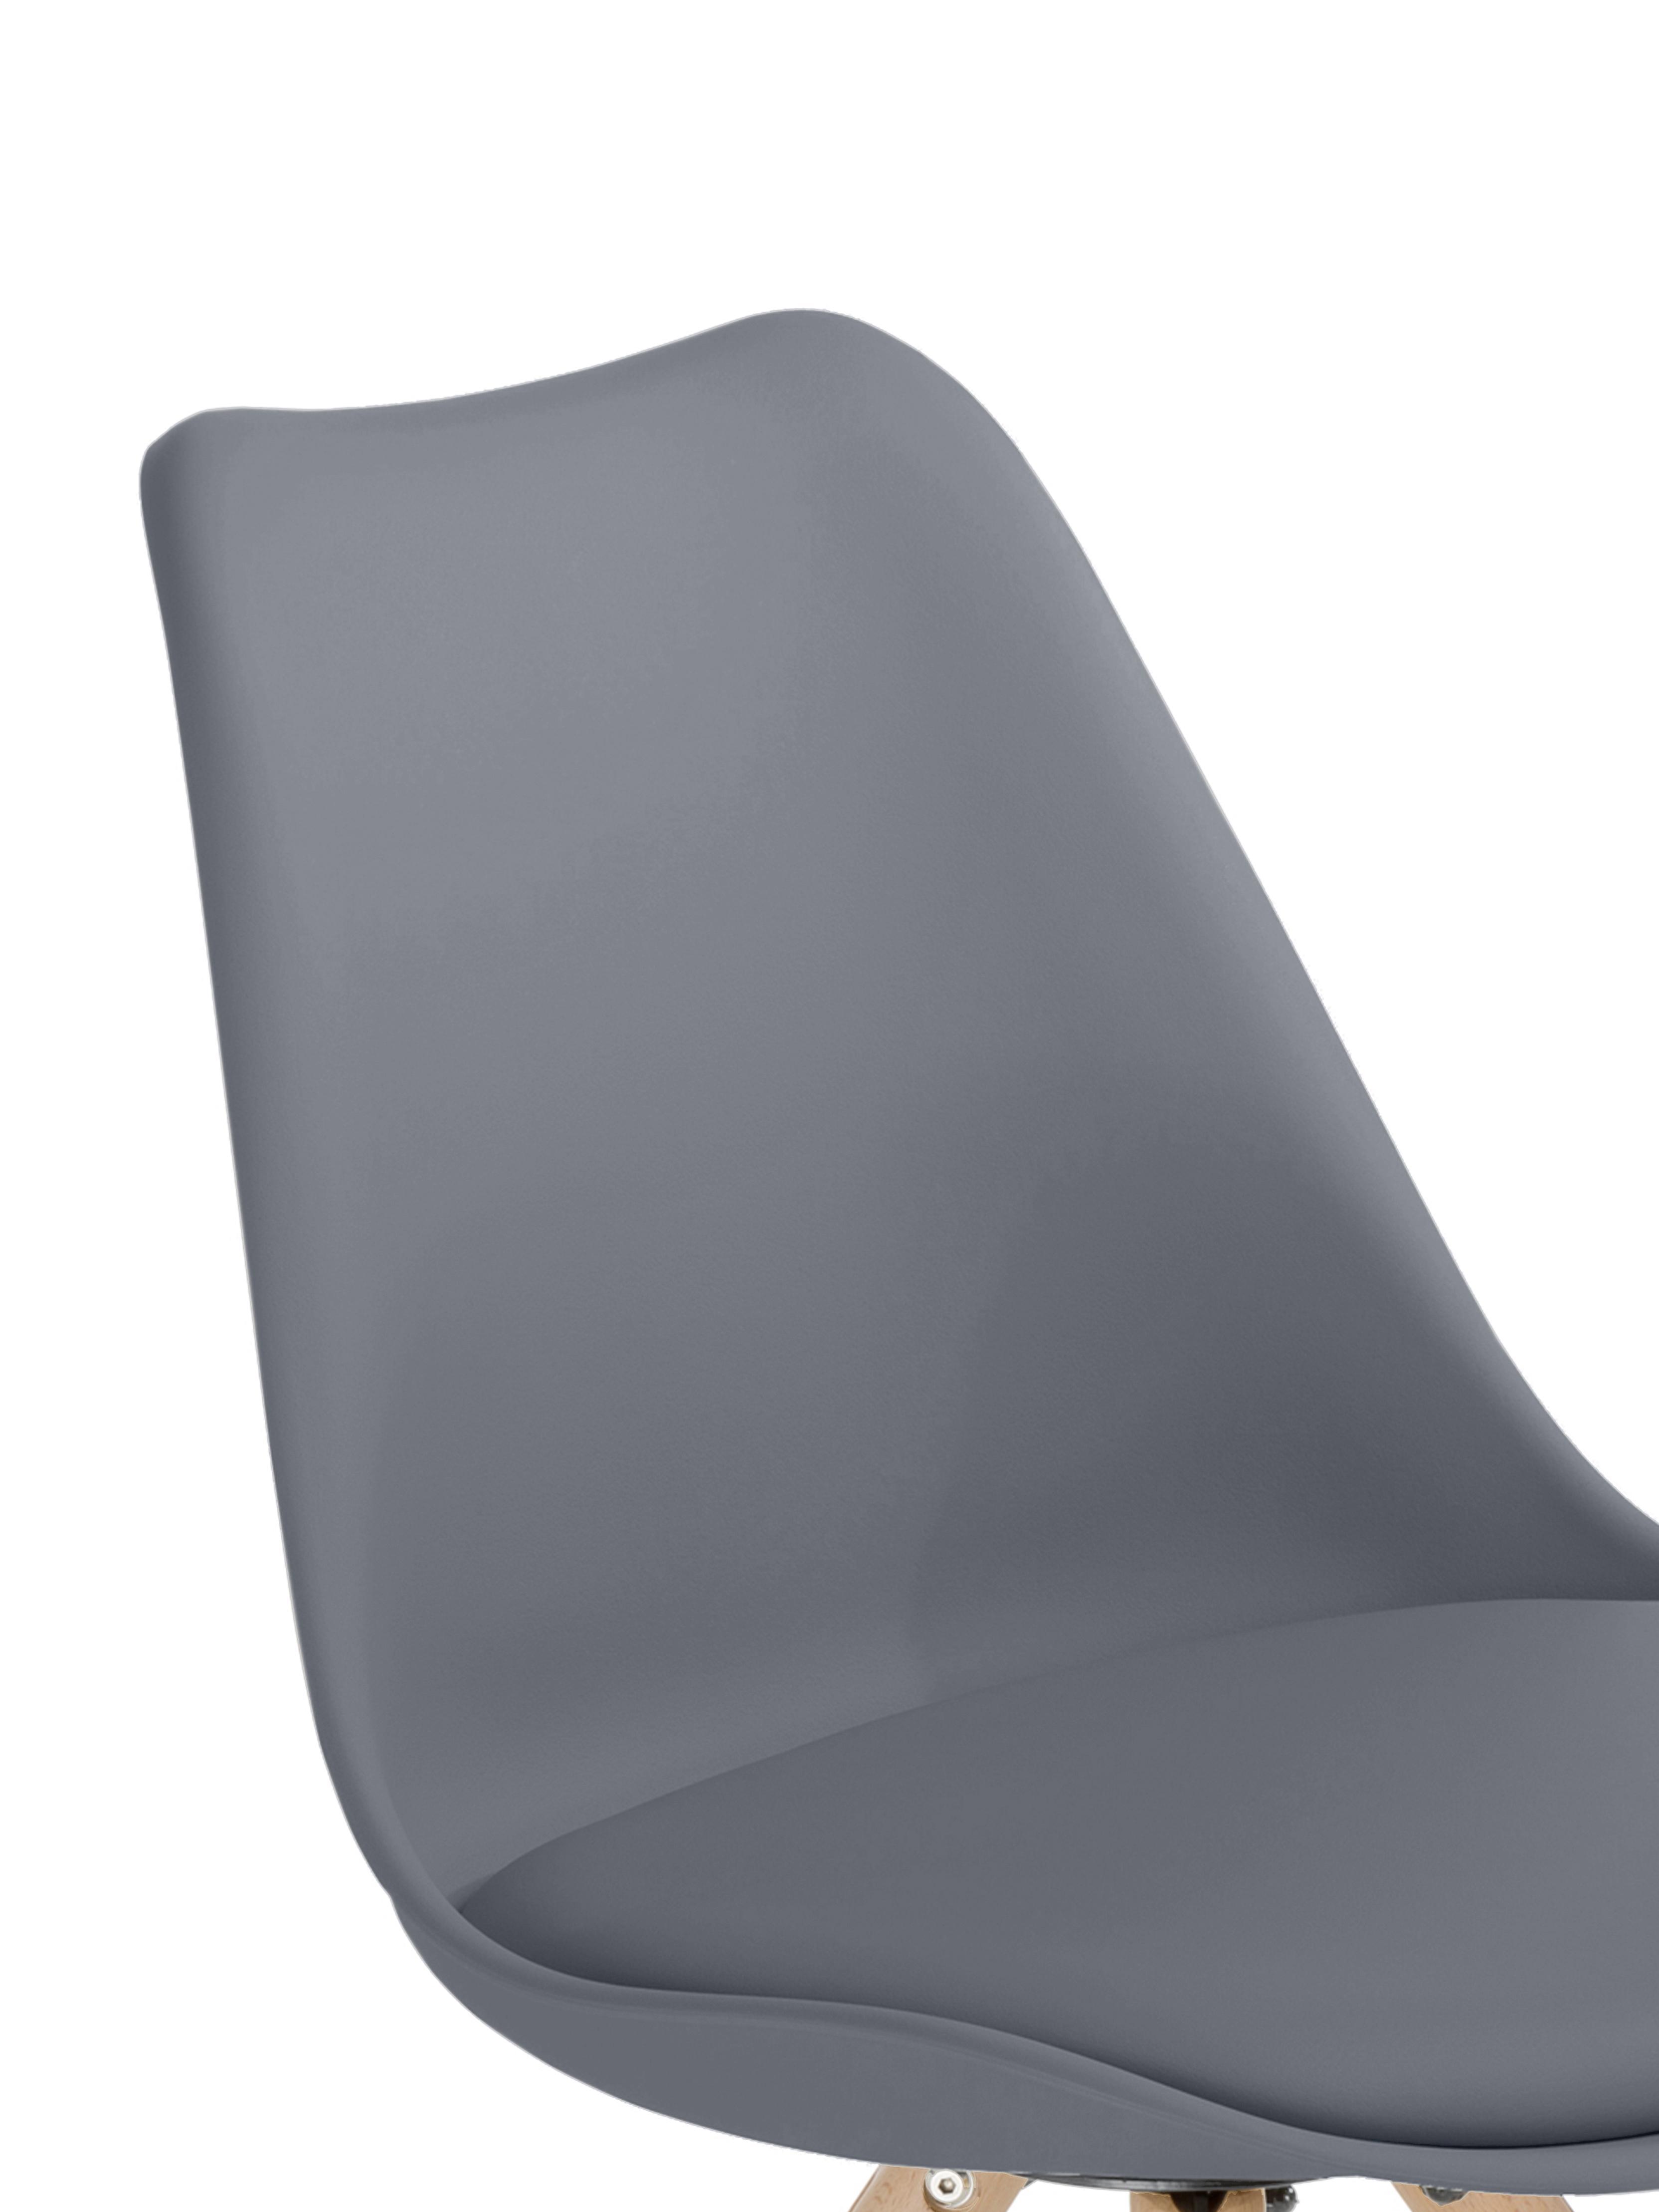 Stühle Max mit Kunstleder-Sitzfläche, 2 Stück, Sitzfläche: Kunstleder (Polyurethan), Sitzschale: Kunststoff, Beine: Buchenholz, Dunkelgrau, B 46 x T 54 cm